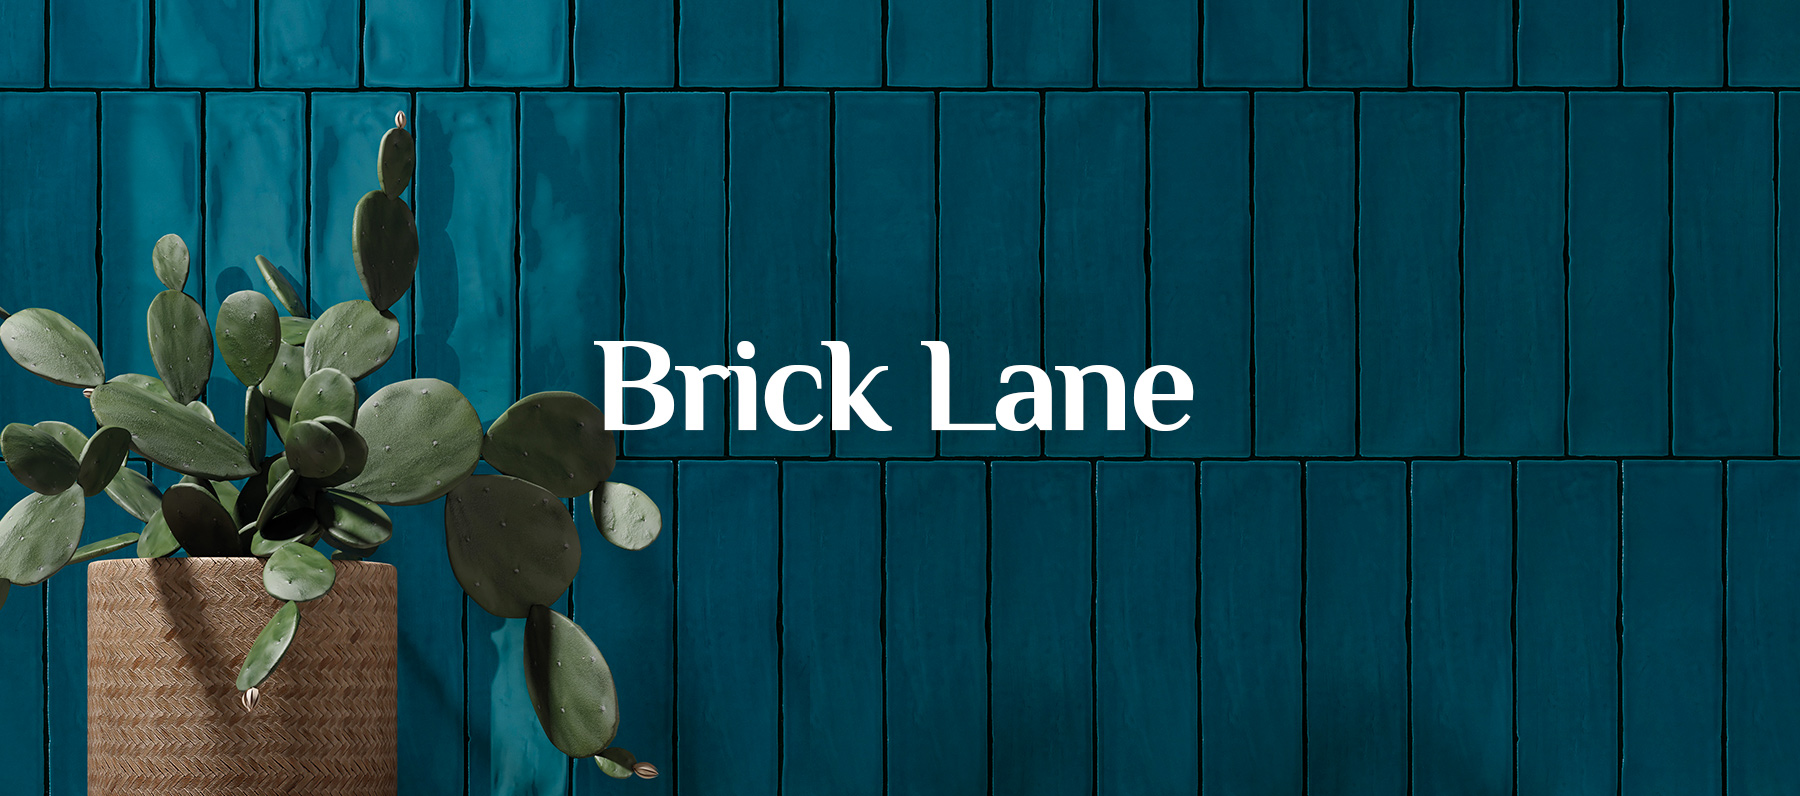 La collezione BrickLane